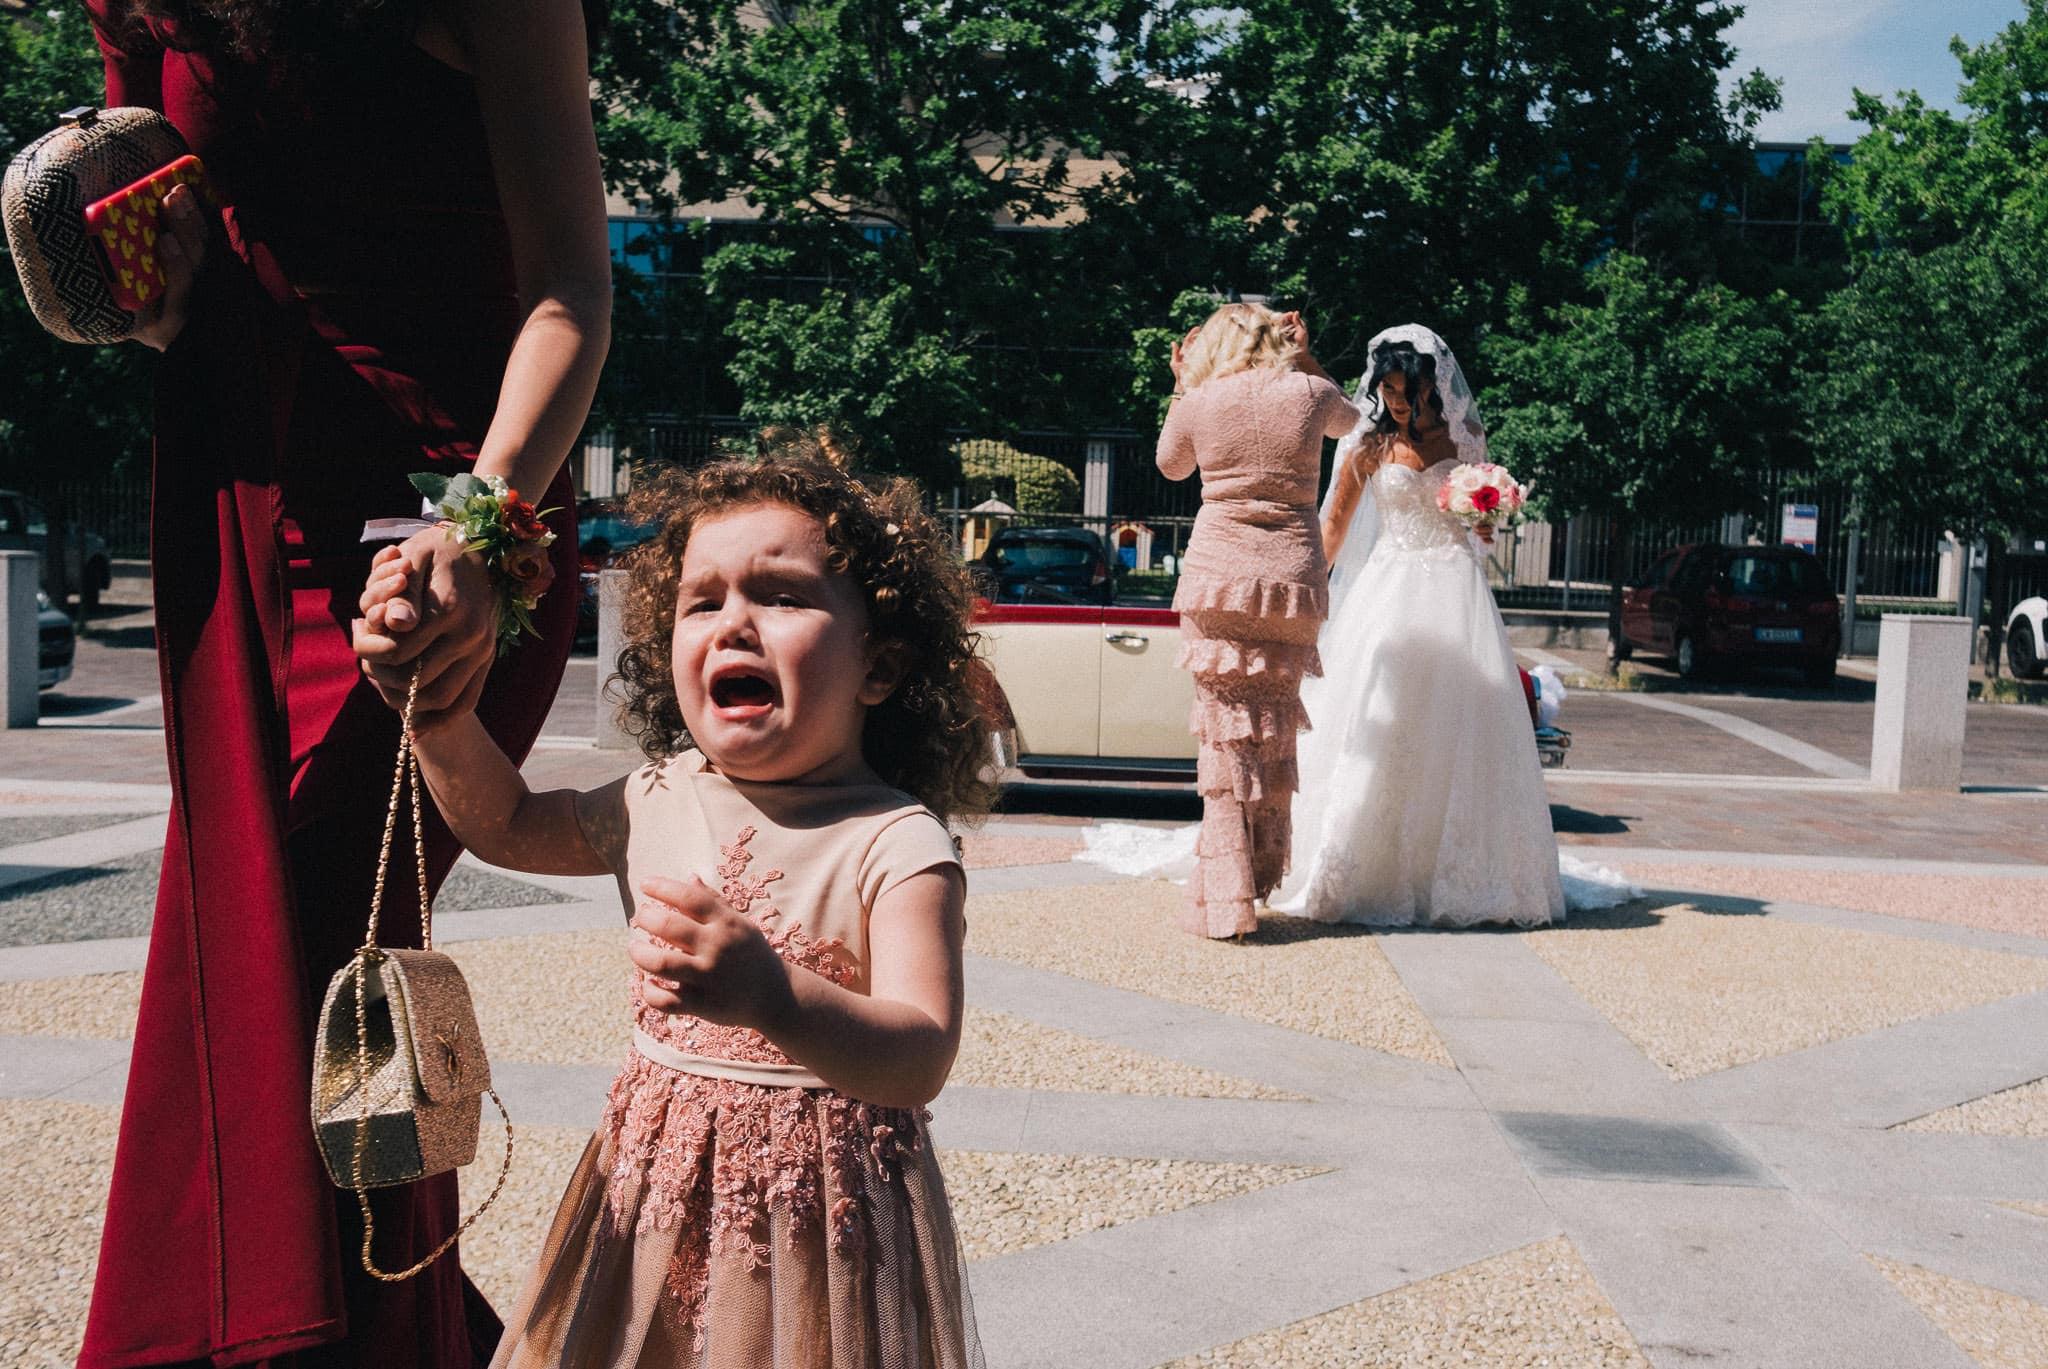 fotografo di matrimonio reportage monza e brianza